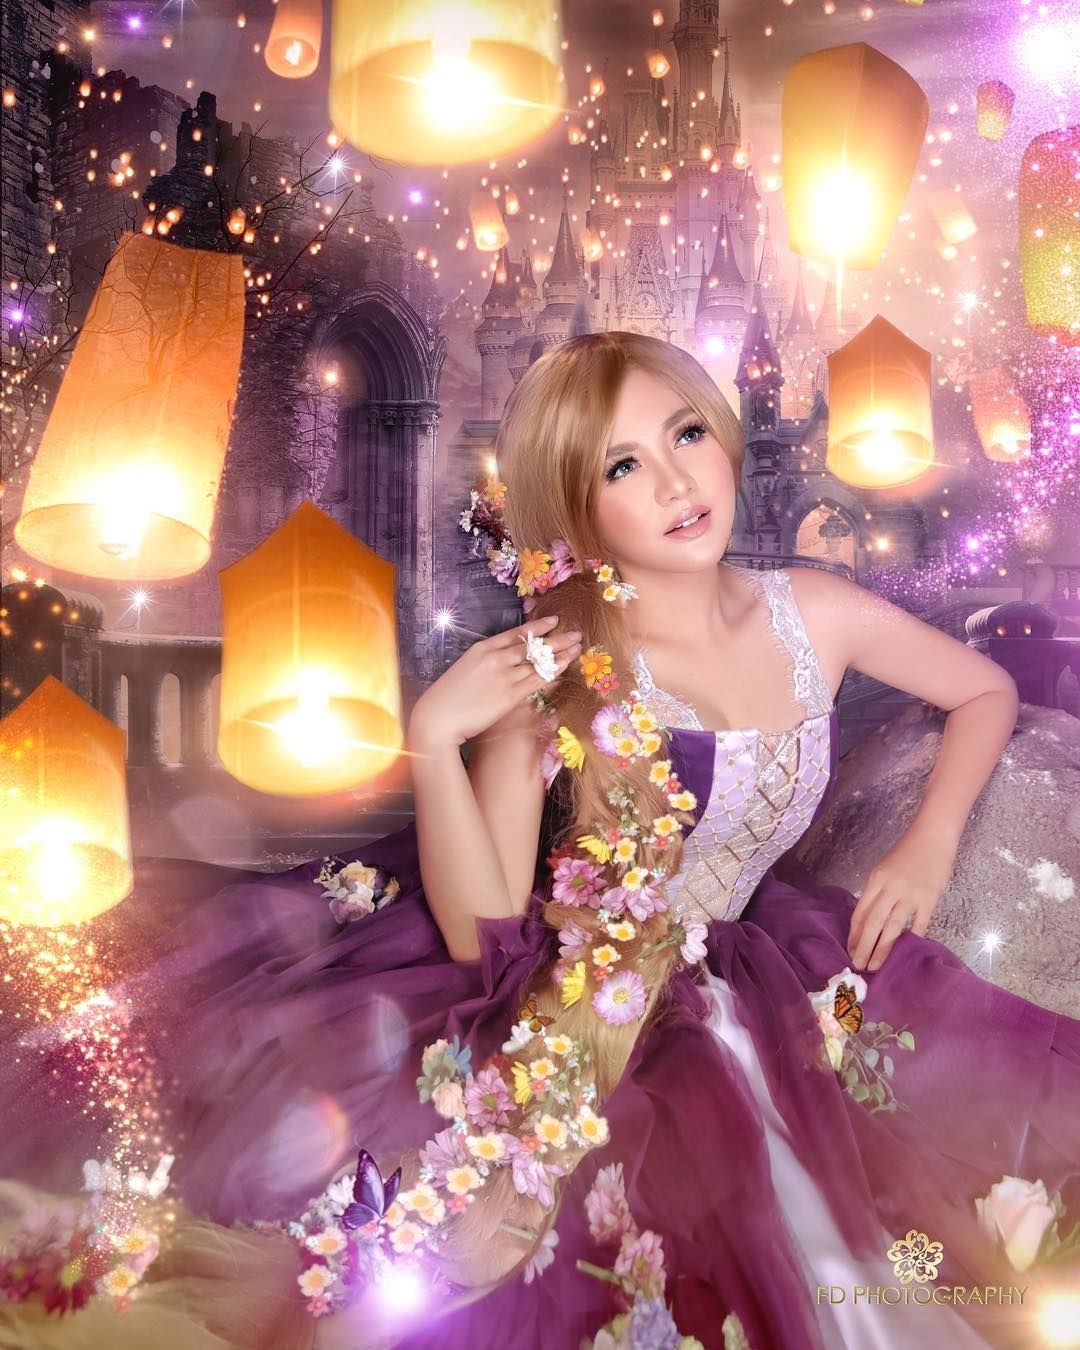 Cantiknya Aurel Hingga Marsha Aruan Jadi Princess Disney, Seperti Apa?